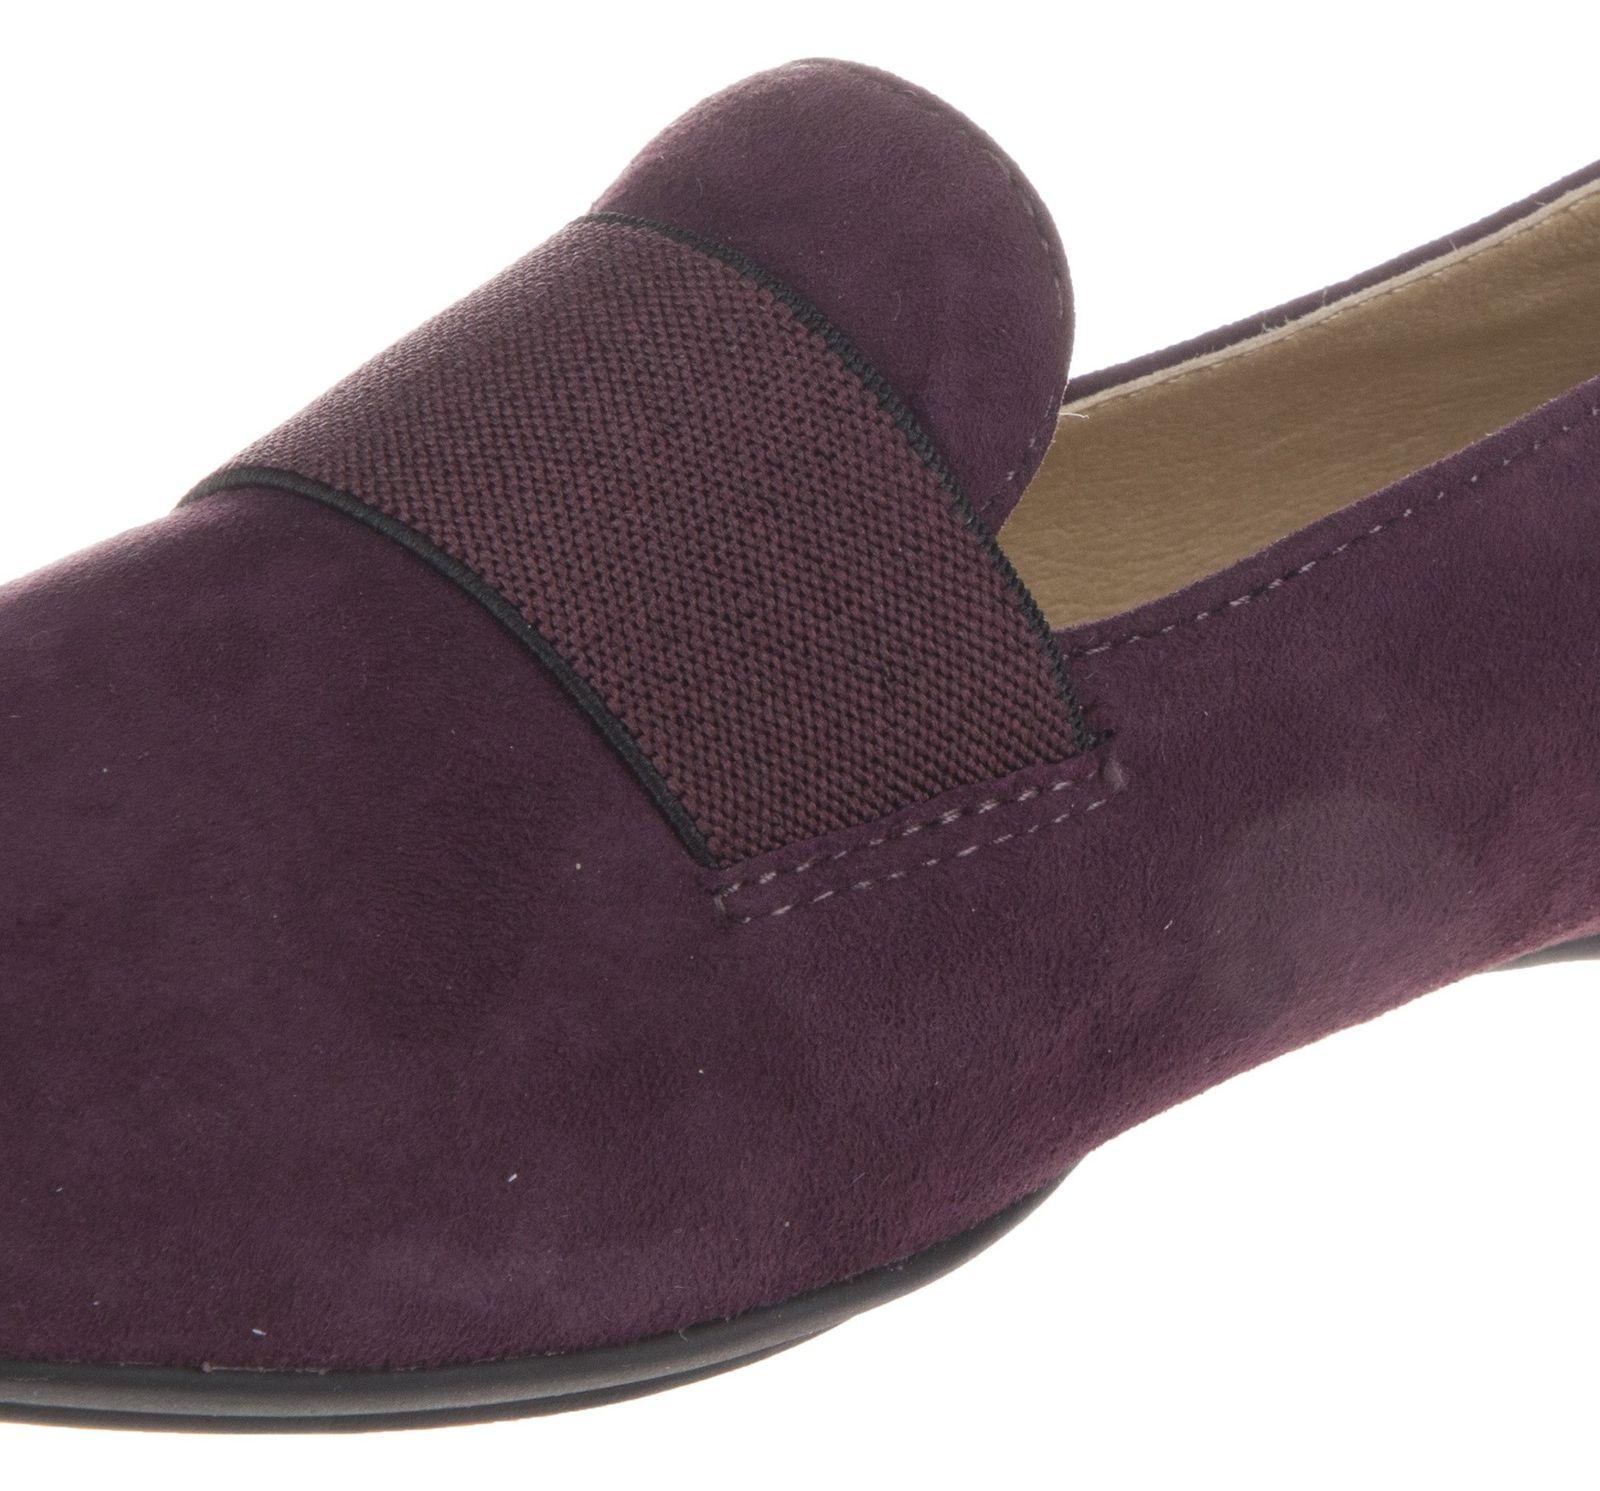 کفش تخت زنانه جی اوکس مدل D34Y7J-00021-C8017 - بنفش - 6